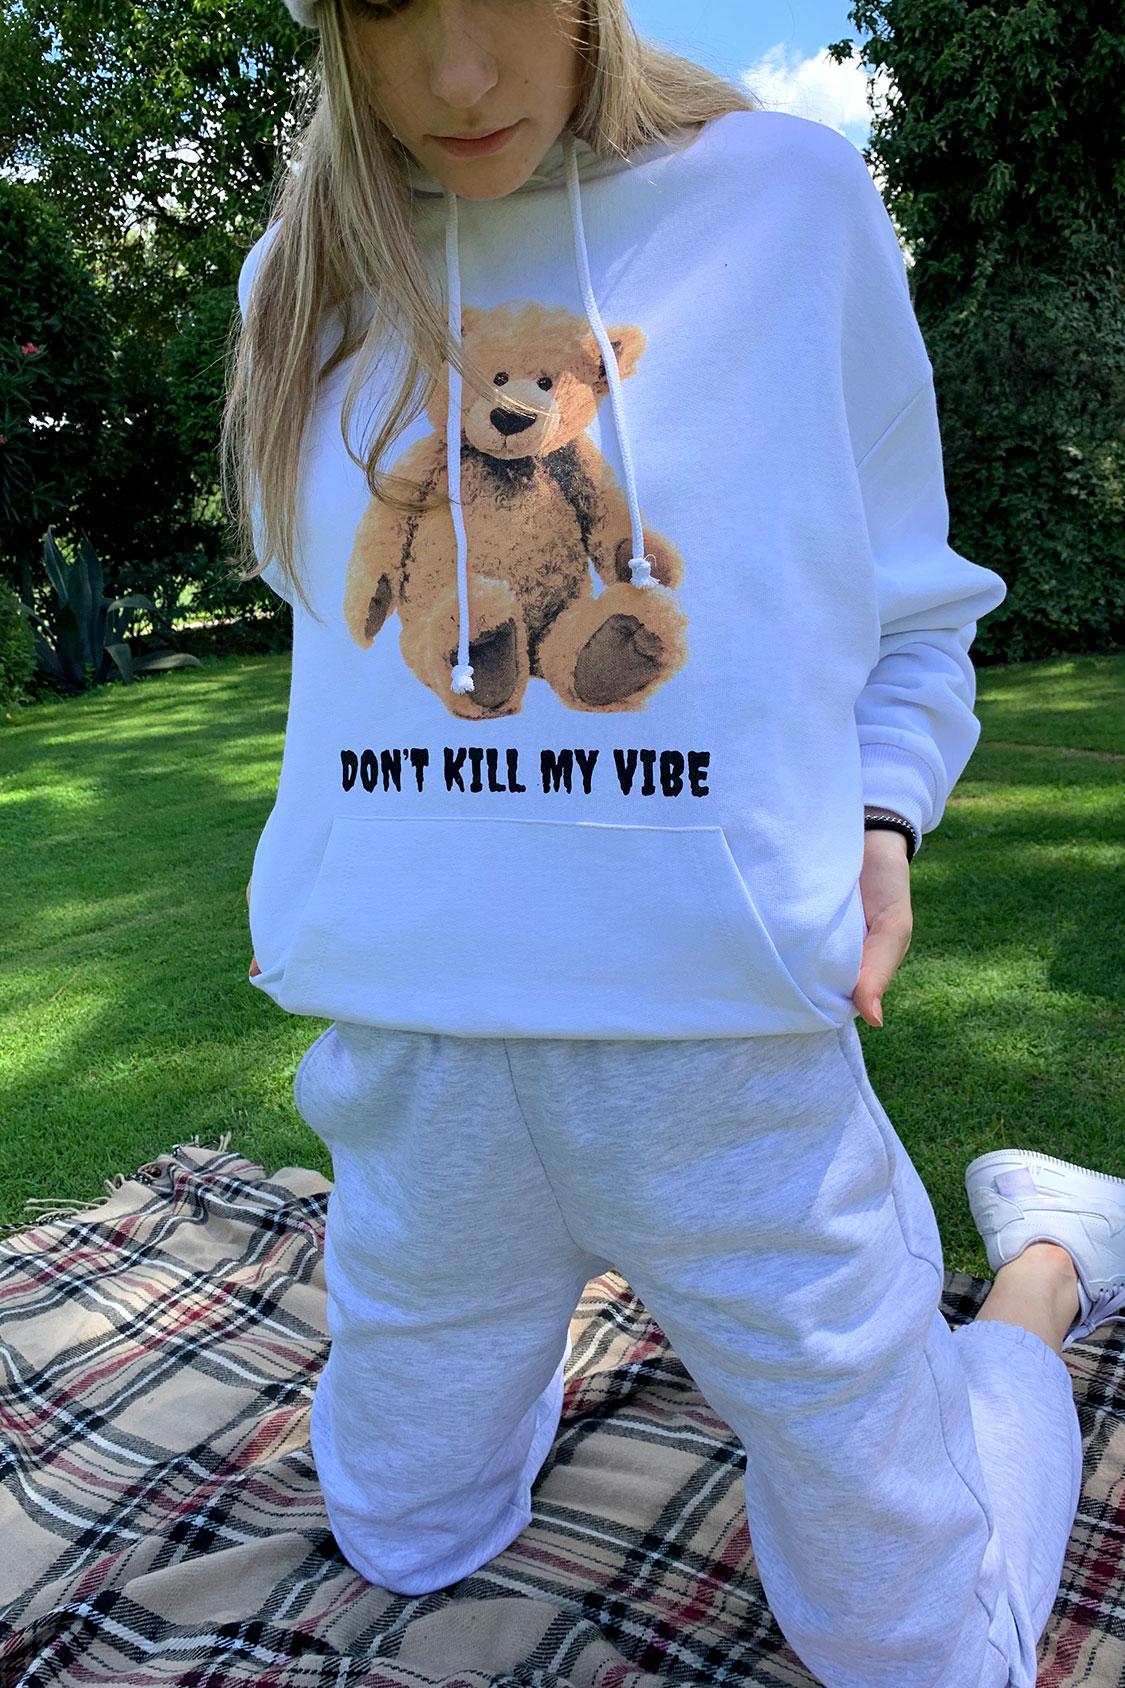 Don't kill my vibe sweatshirt